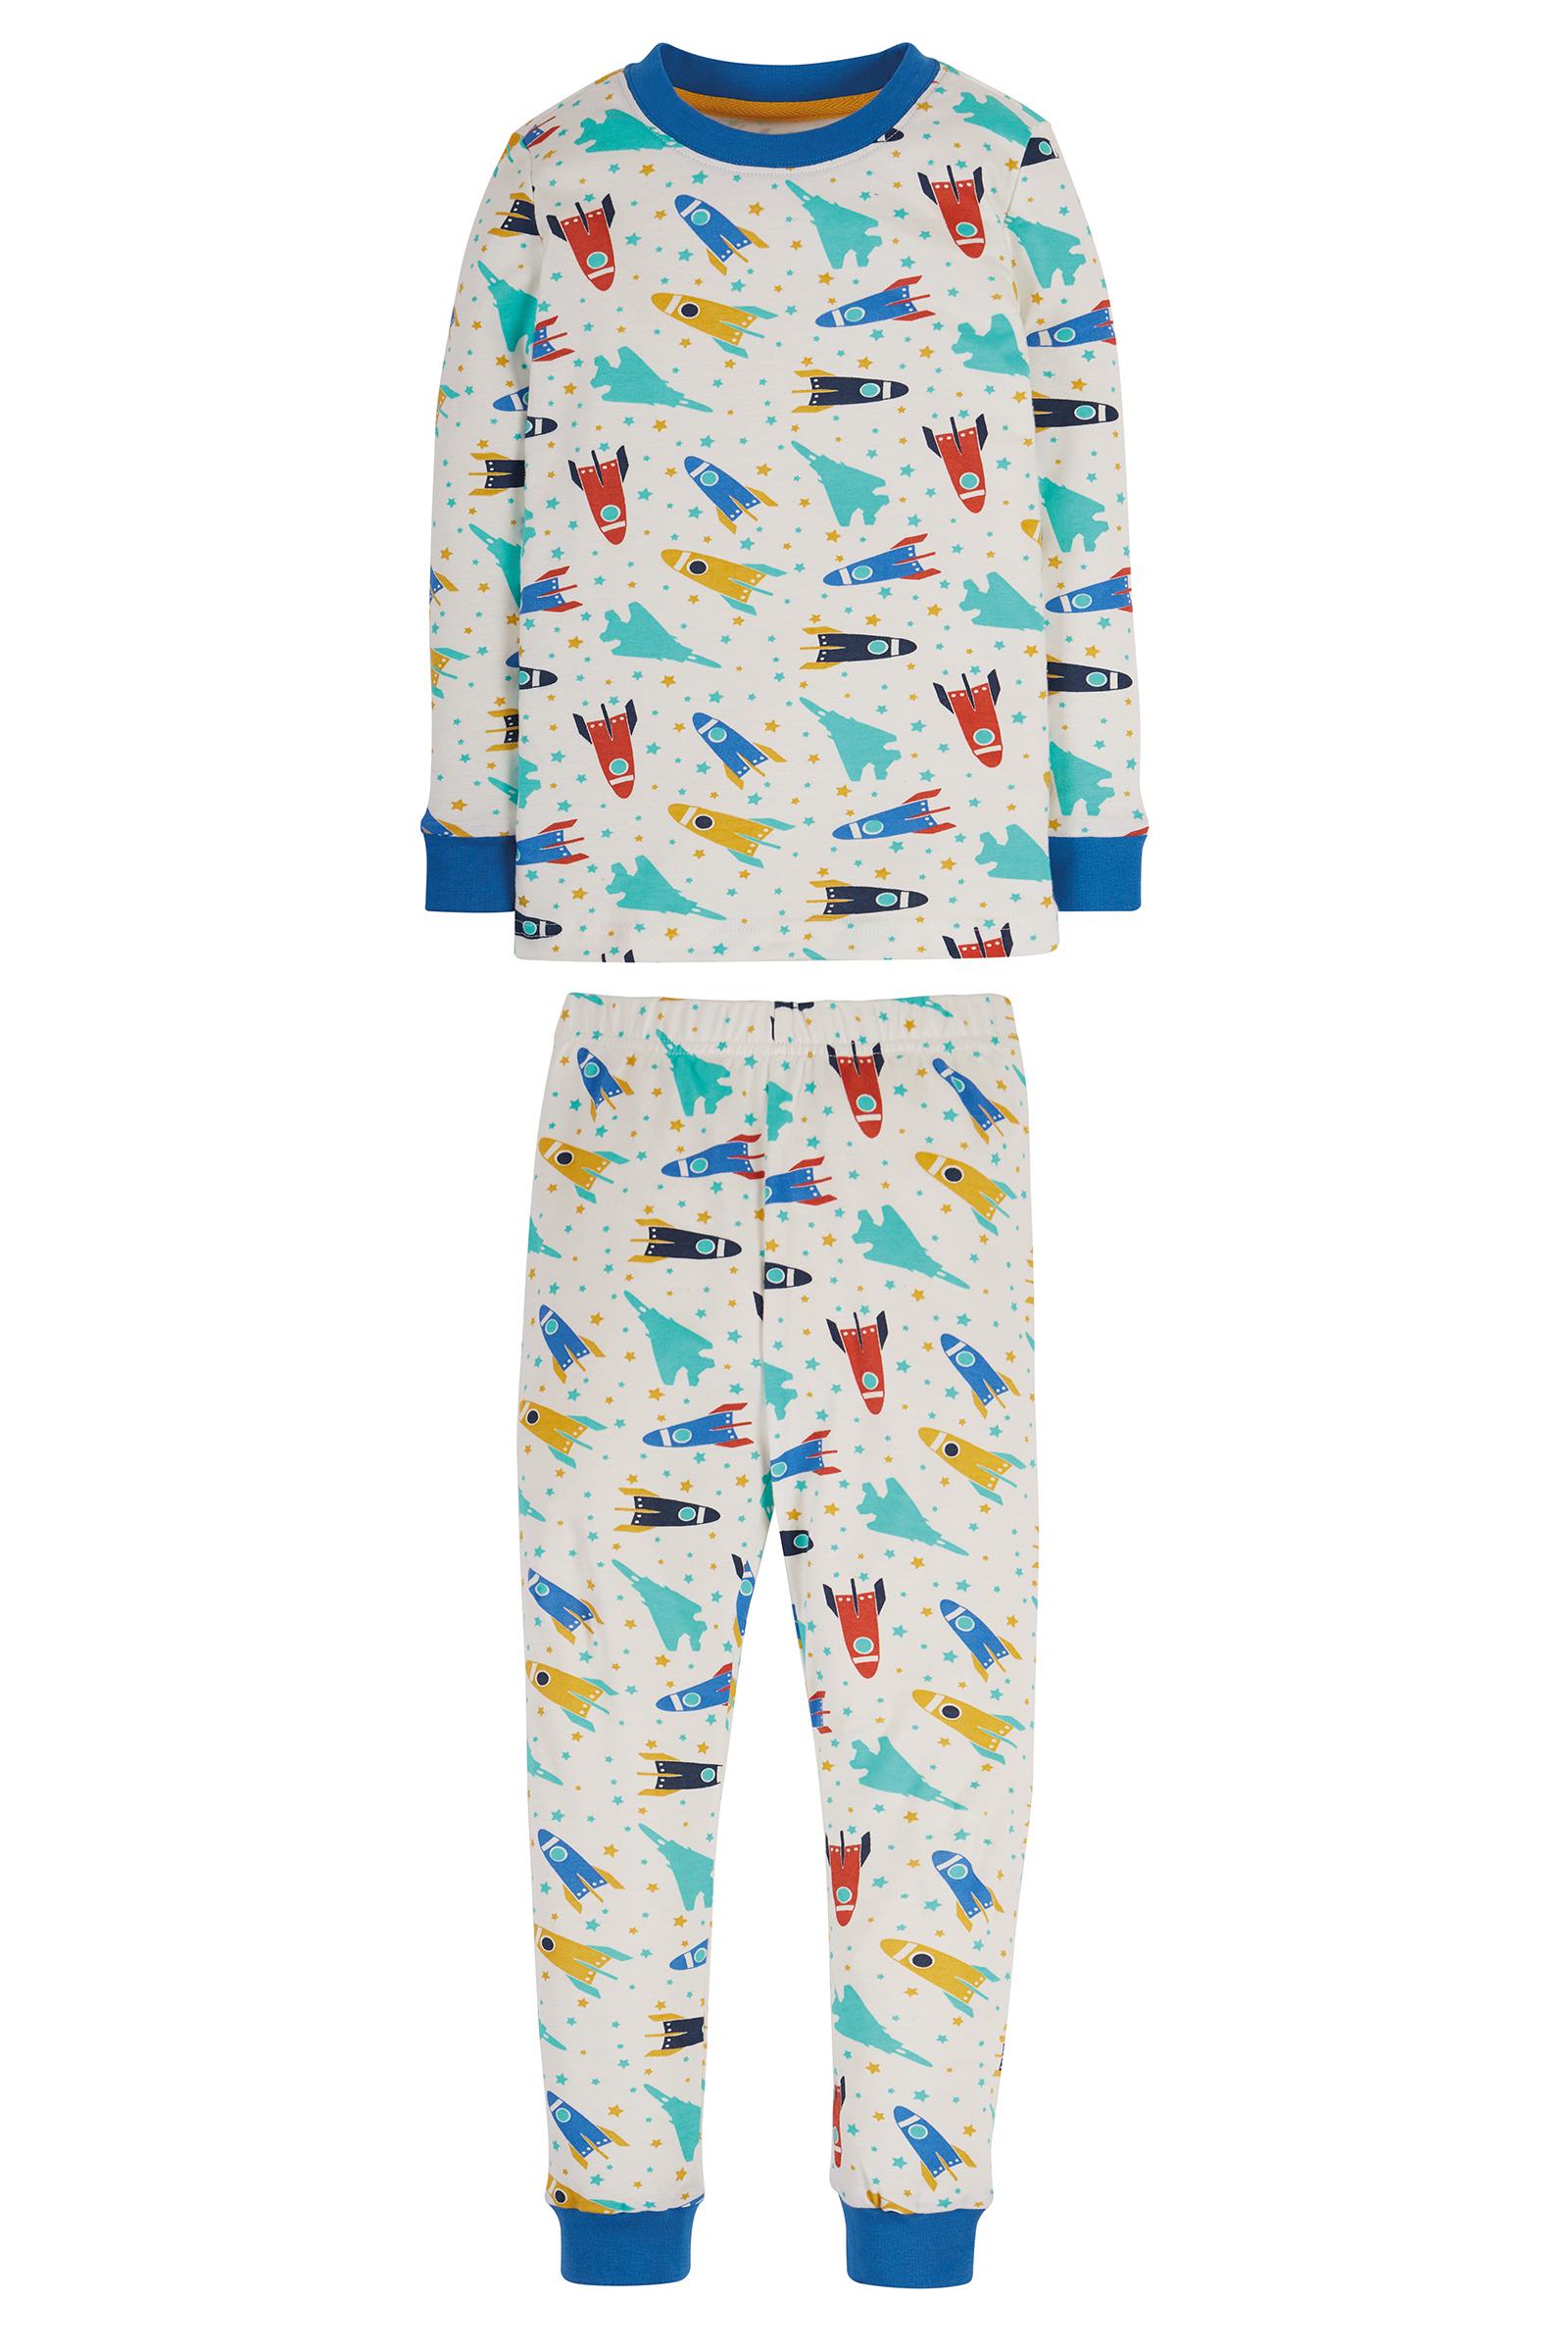 Frugi - Port Isaac Pyjamas, Racing Rockets